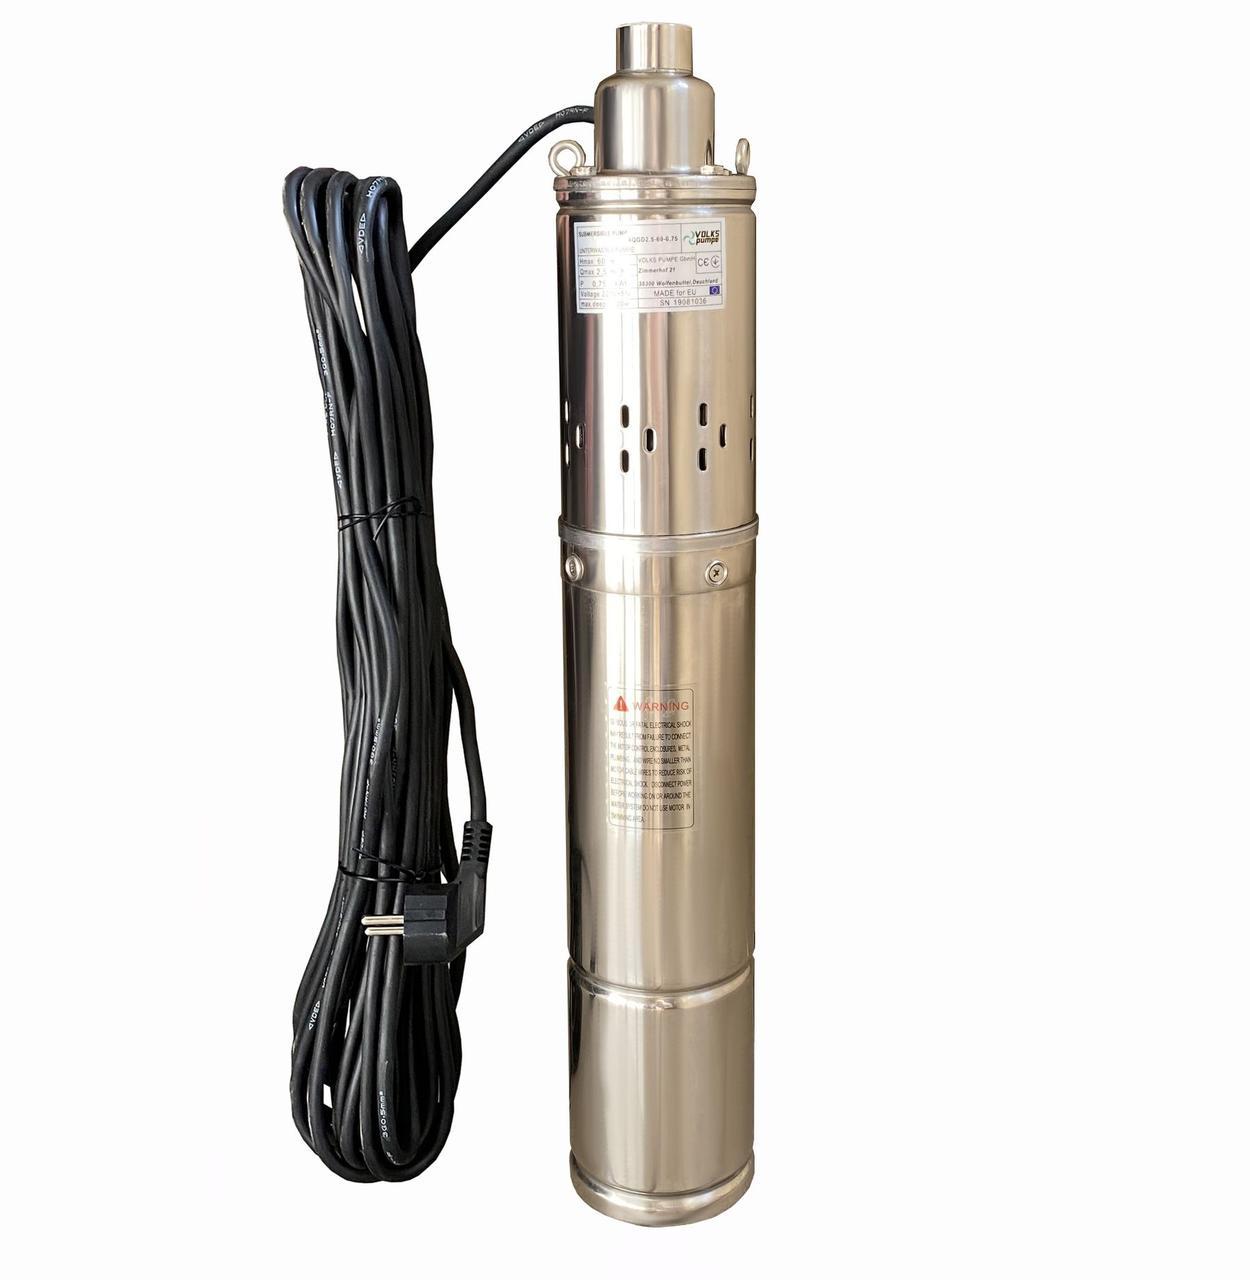 Насос скважинный шнековый Volks pumpe 4QGD 2.5-60-0,75 кВт 4 дюйма + кабель 15 м